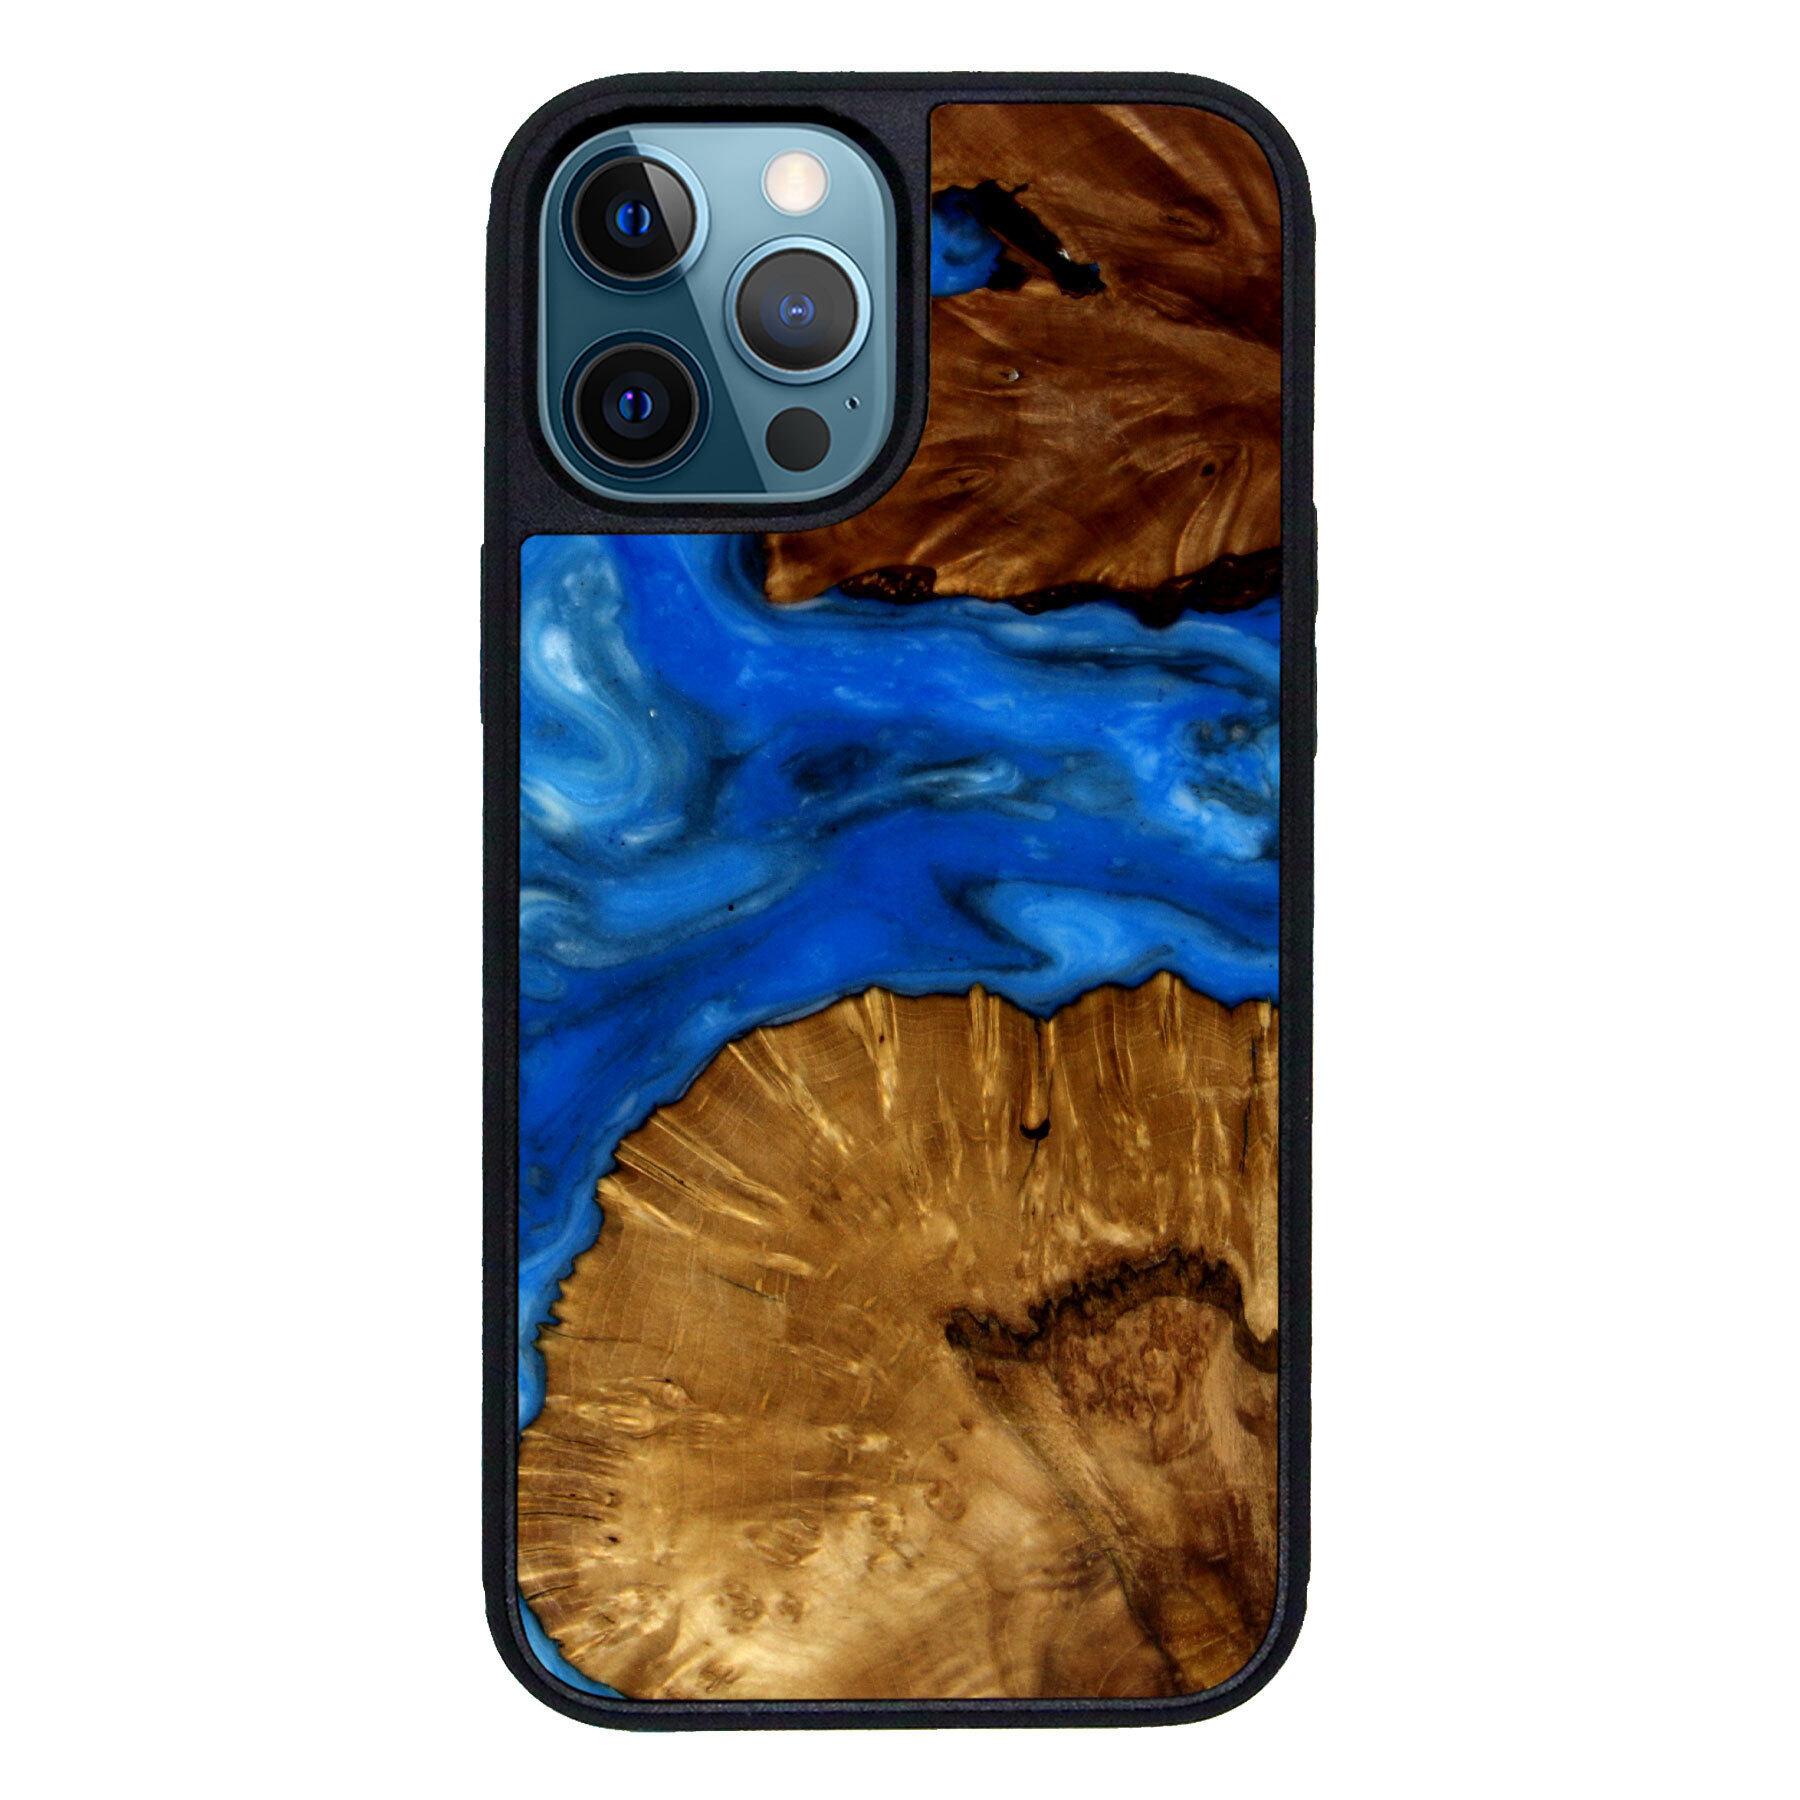 iPhone 12 ProMax Phone Case